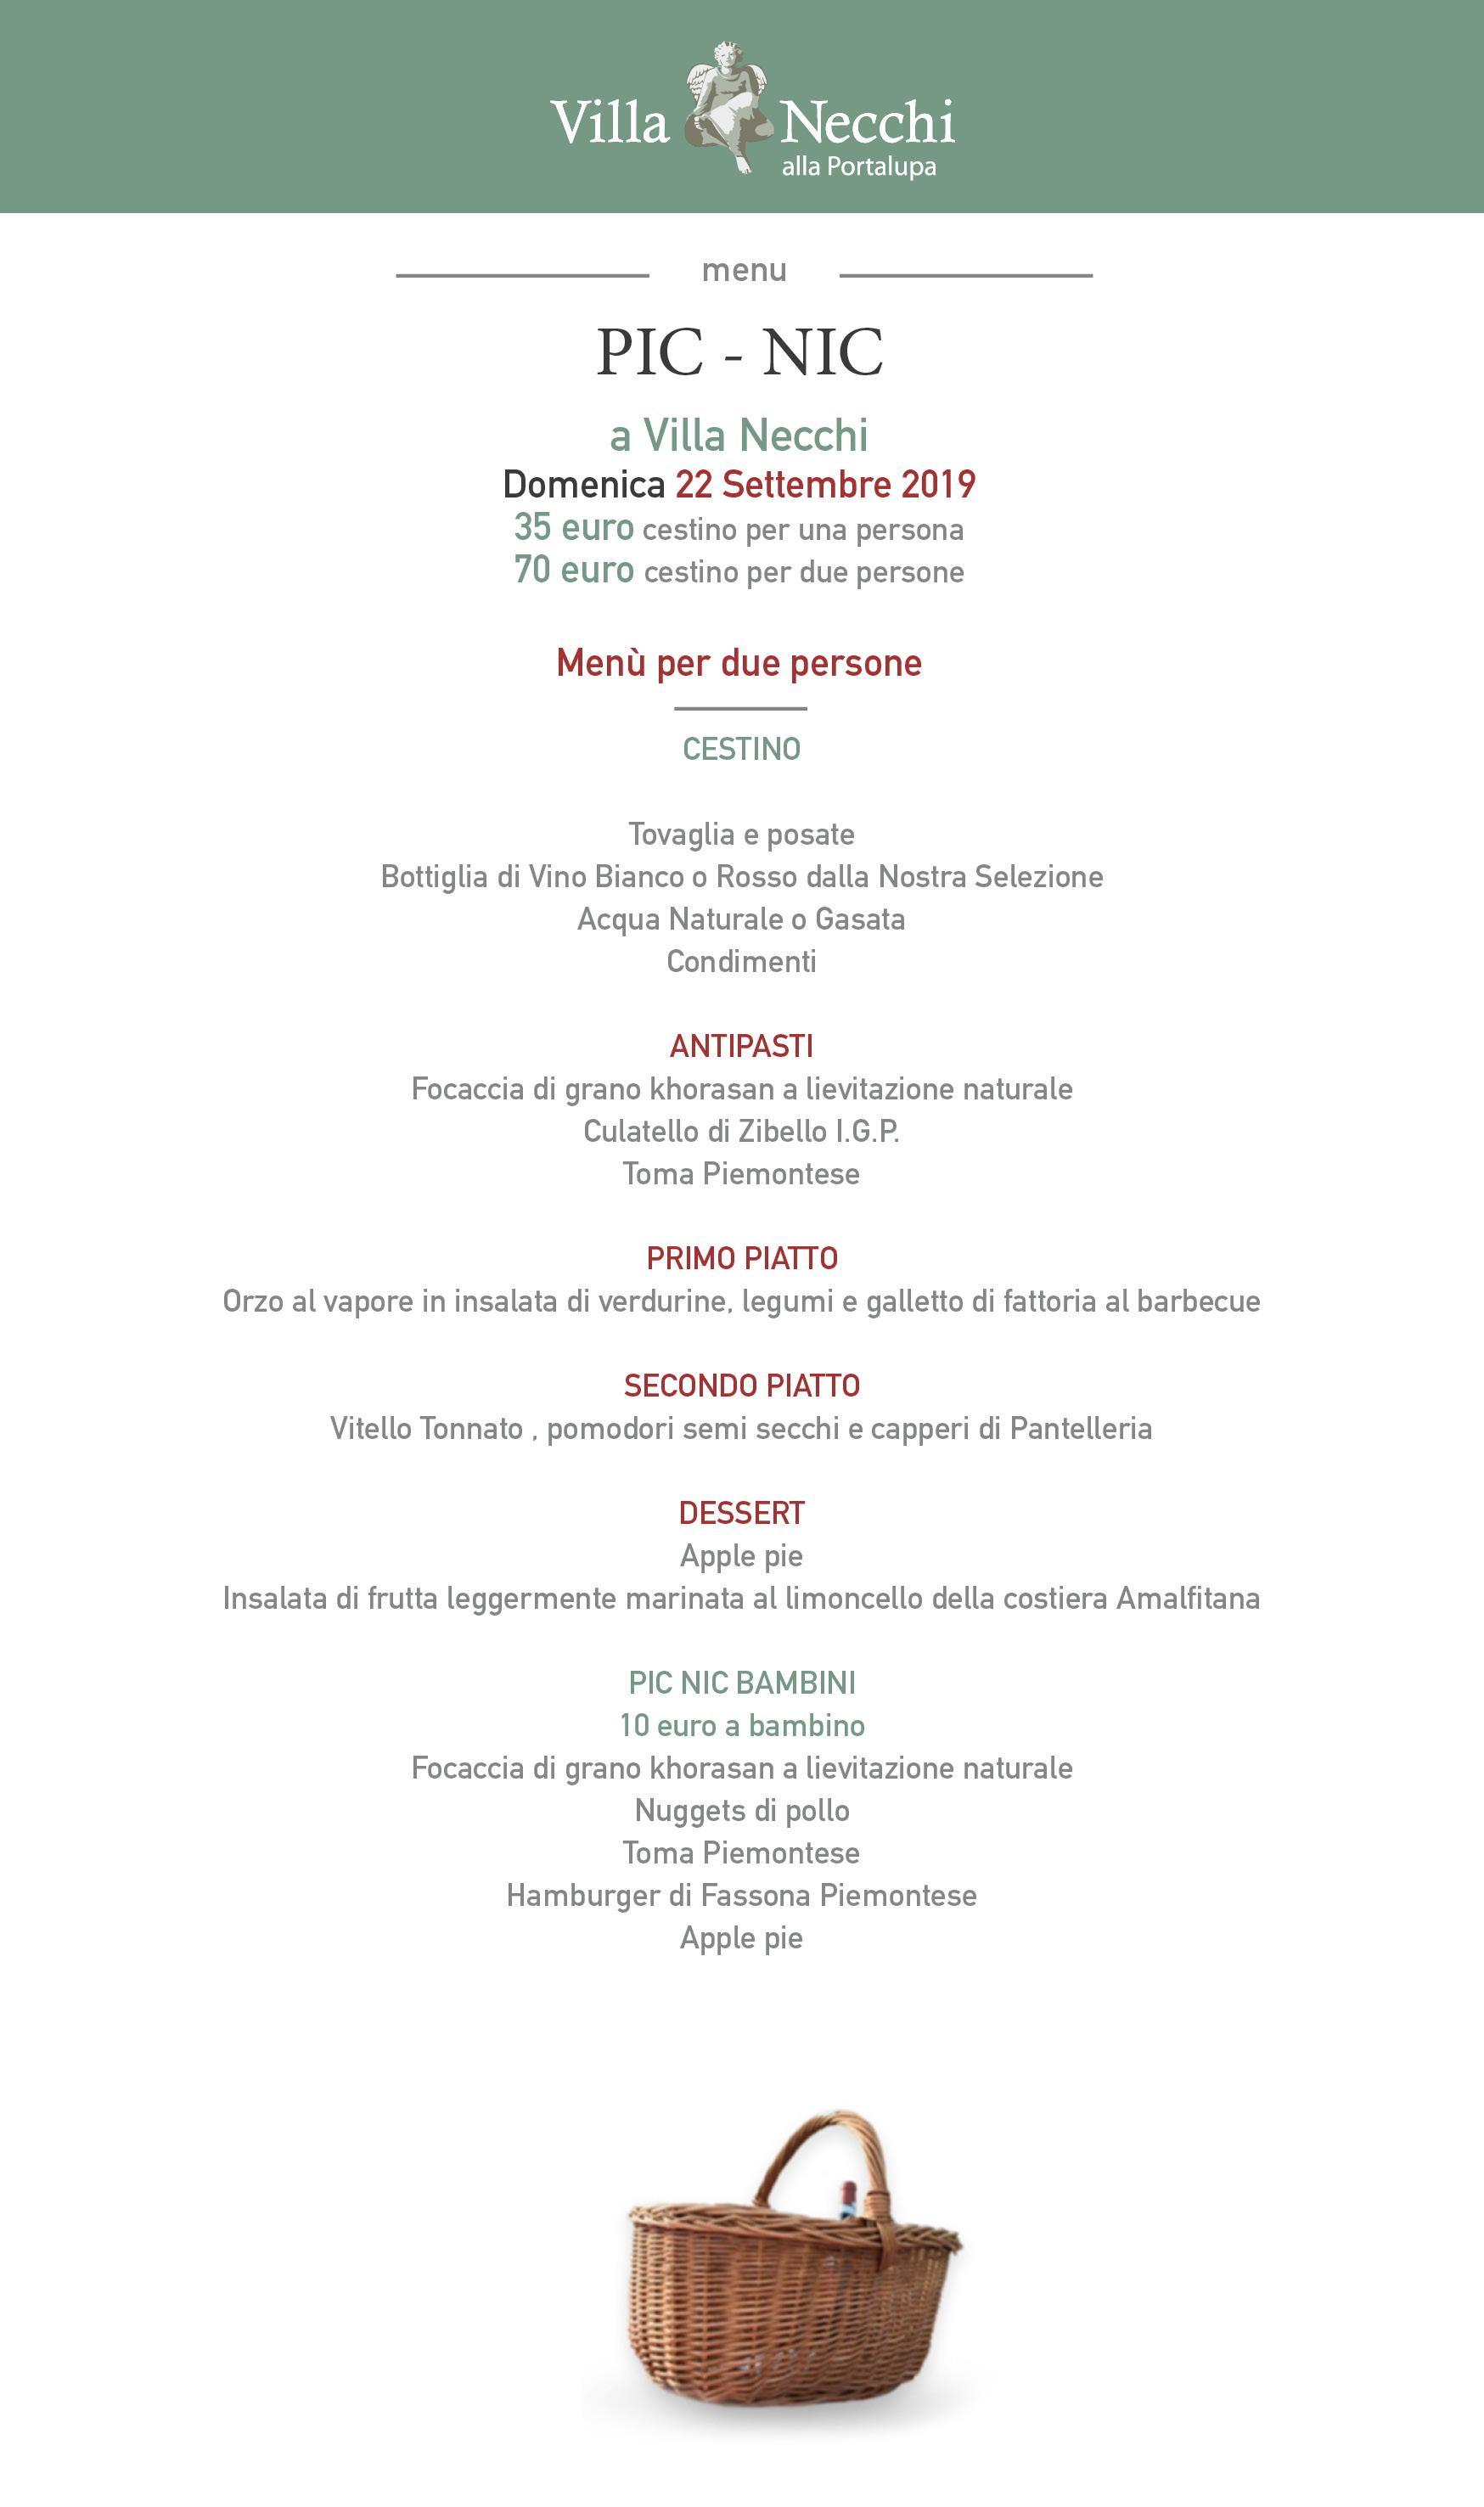 villa-necchi-pic-nic-22-settembre